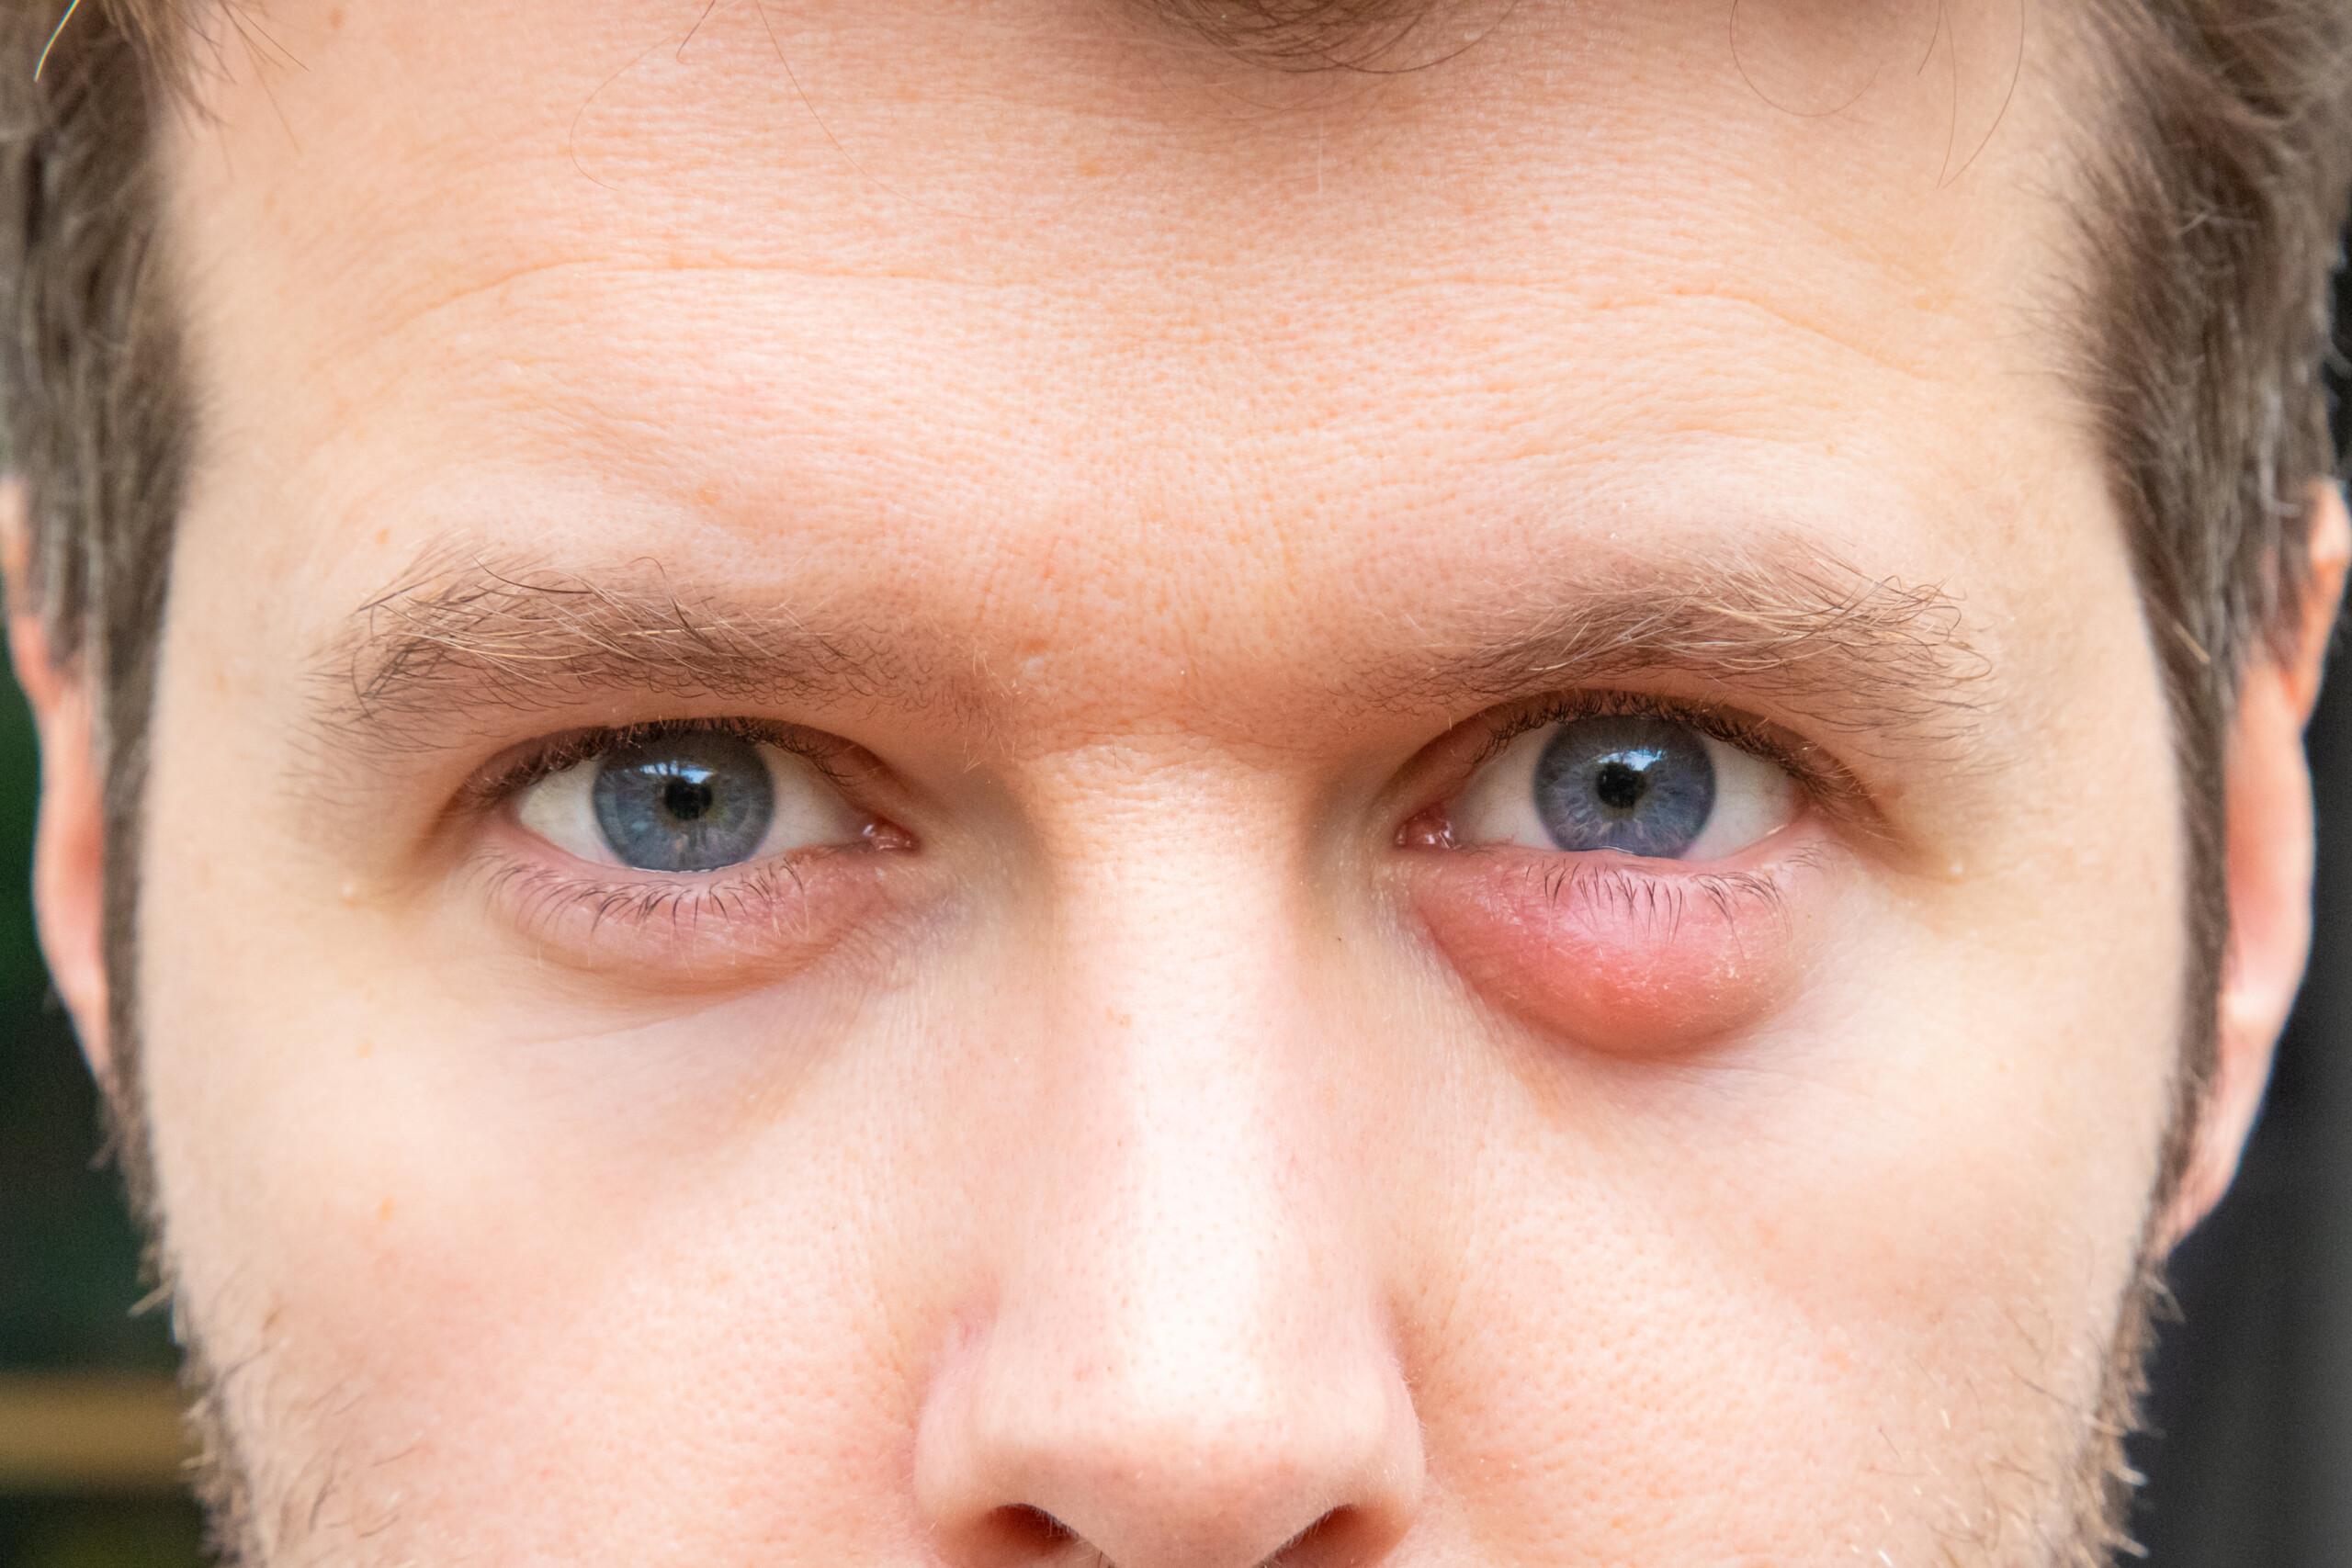 Bump Under Eyelid: Skin Cancer or Chalazion Cyst?